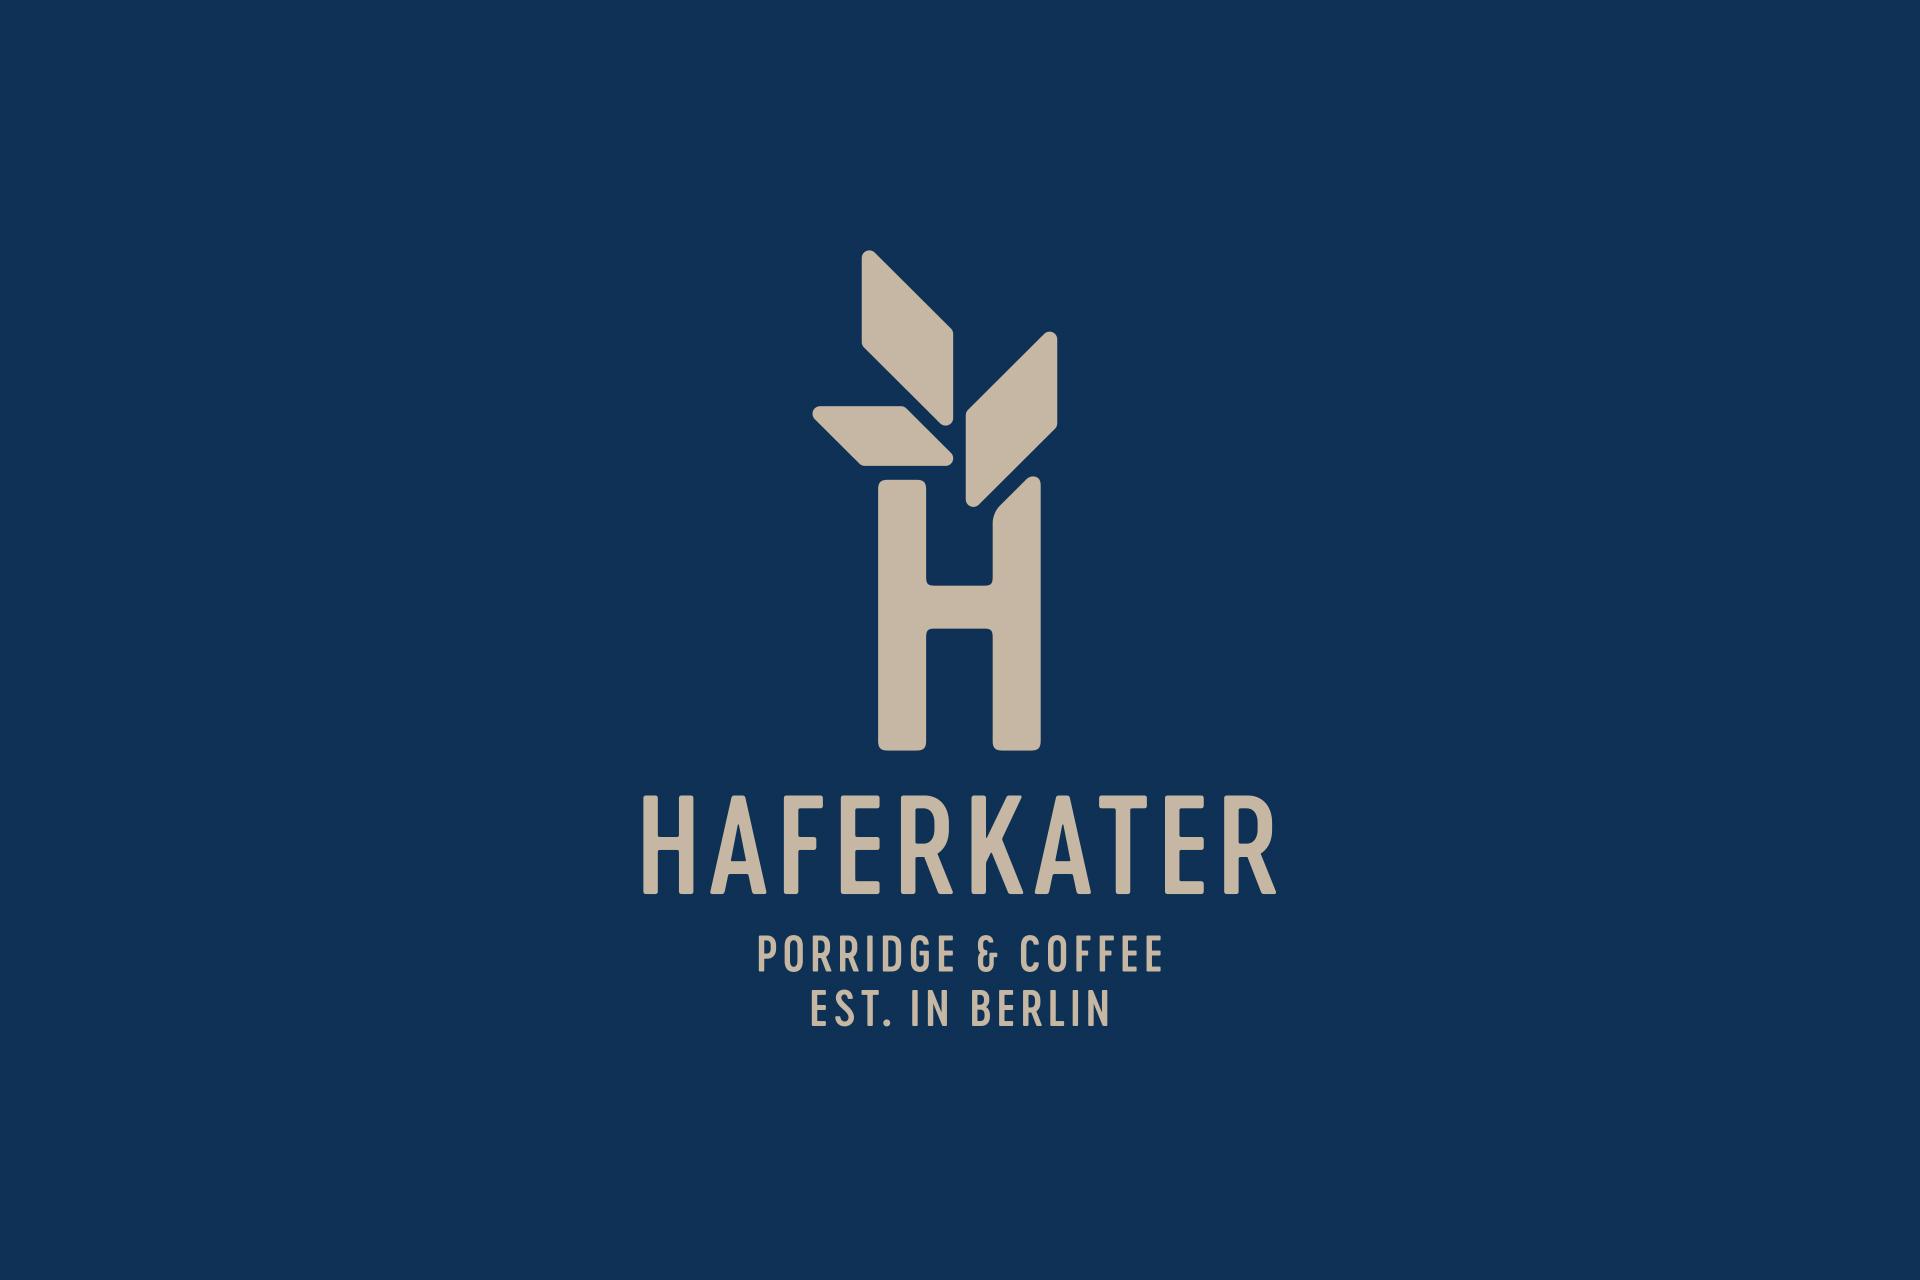 Haferkater_Logo_01.jpg